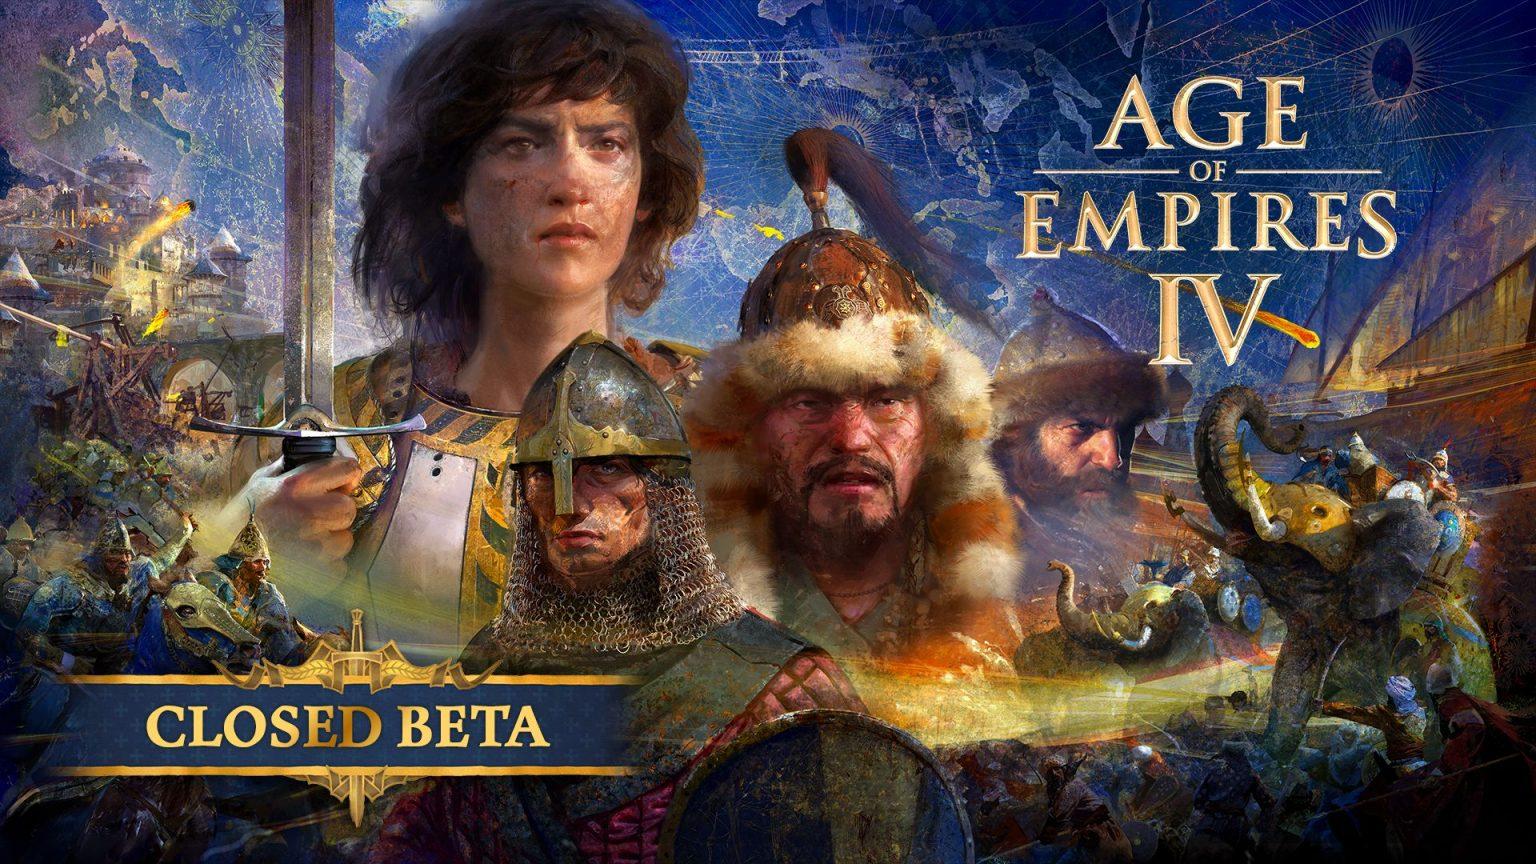 بازی موبایل Age of Empires در استودیوی شرکت TiMi تنسنت در حال توسعه است